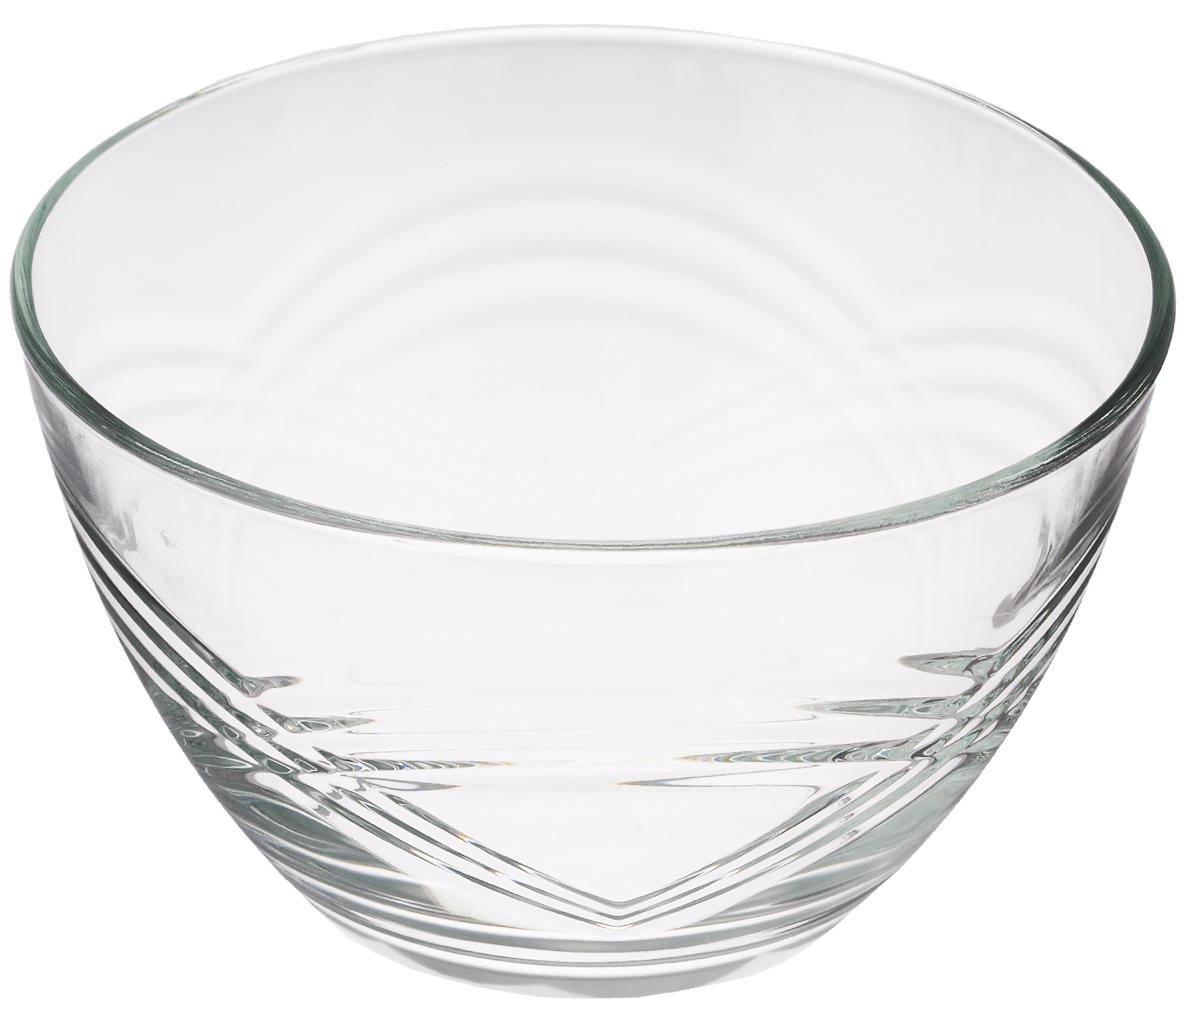 Салатник OSZ Сидней, диаметр 19 см07с1329Салатник OSZ Сидней изготовлен из бесцветного стекла. Идеально подходит для сервировки стола.Салатник не только украсит ваш кухонный стол и подчеркнет прекрасный вкус хозяйки, но и станет отличным подарком.Диаметр салатника (по верхнему краю): 19 см. Диаметр основания: 10 см. Высота салатника: 13 см.